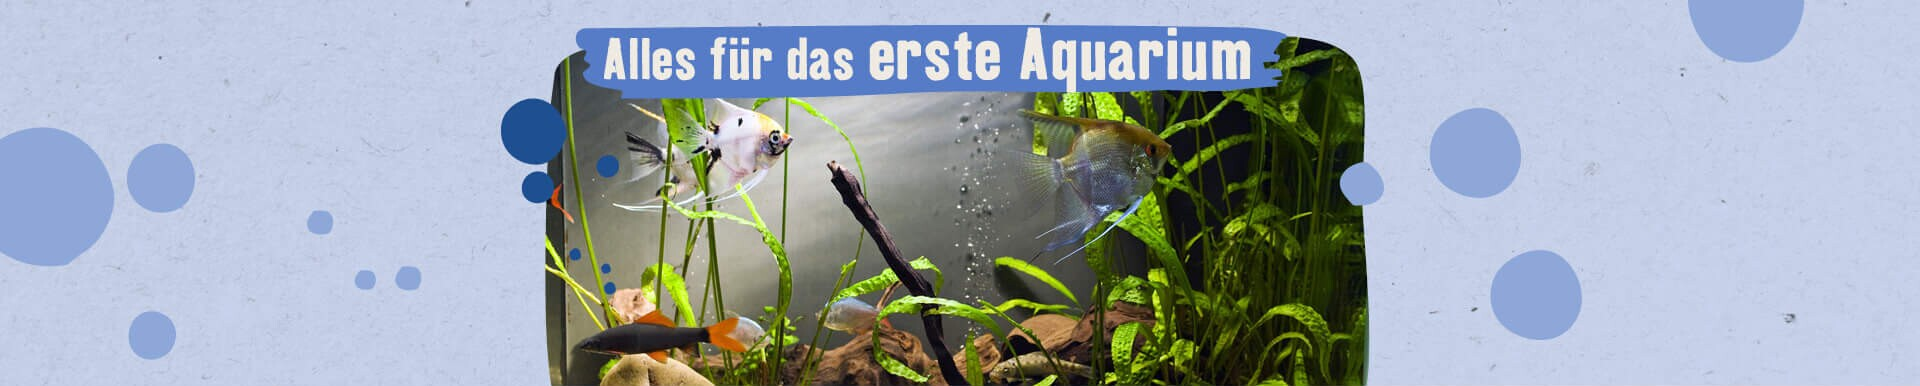 Alles für das erste Aquarium